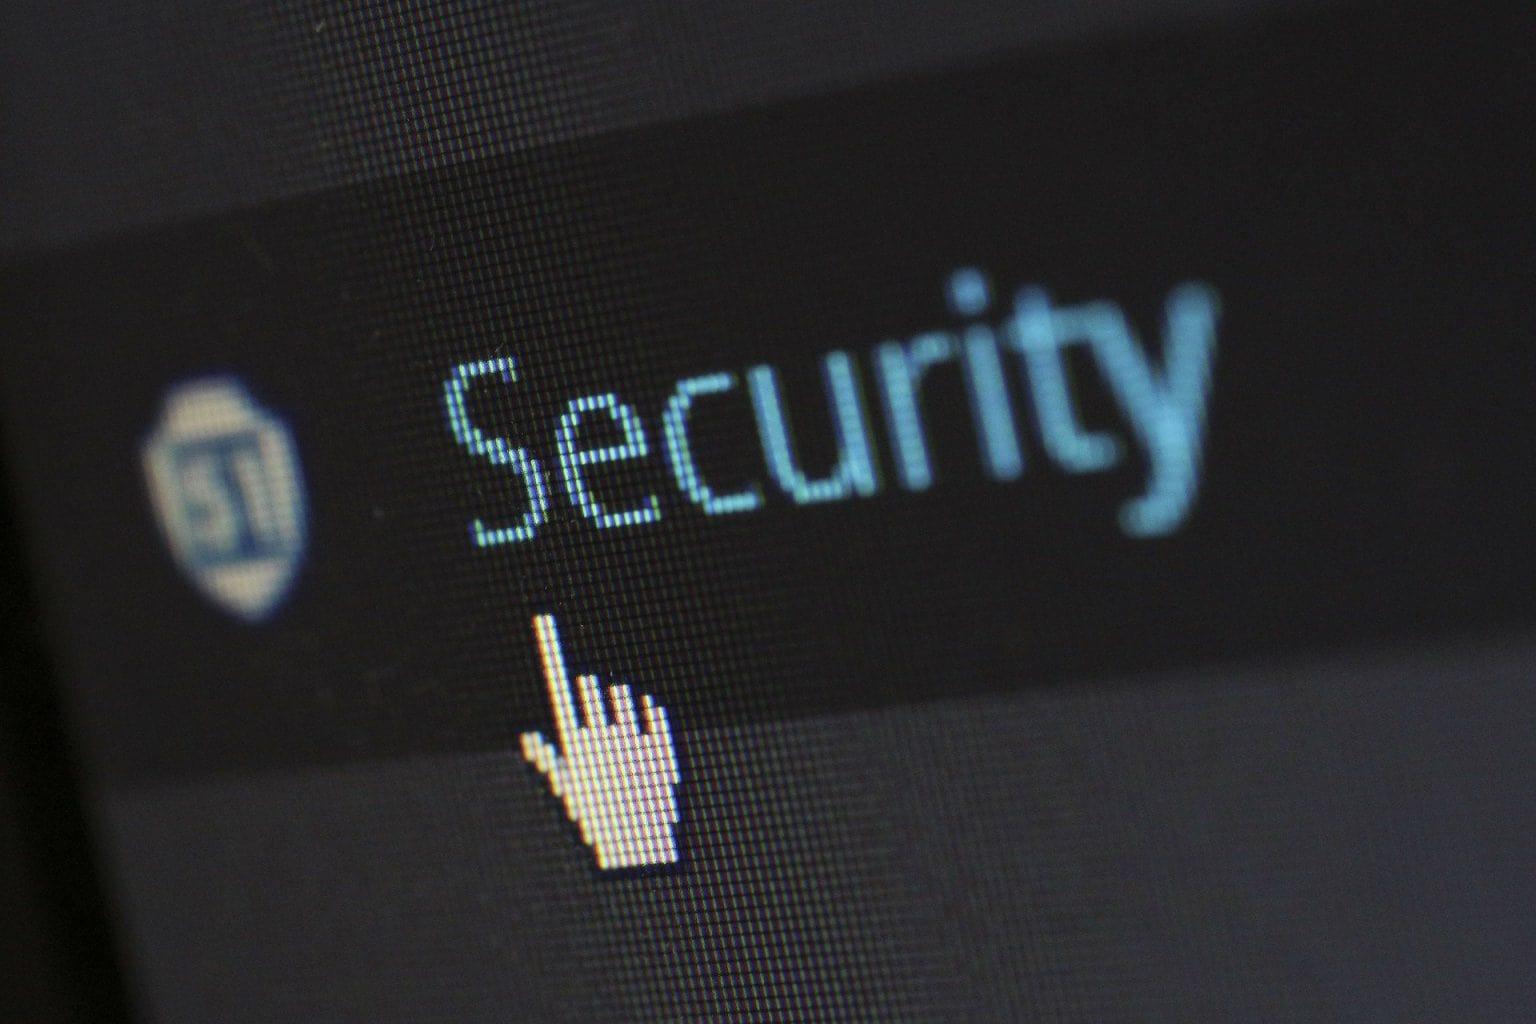 security-265130_1920-1536x1024-min